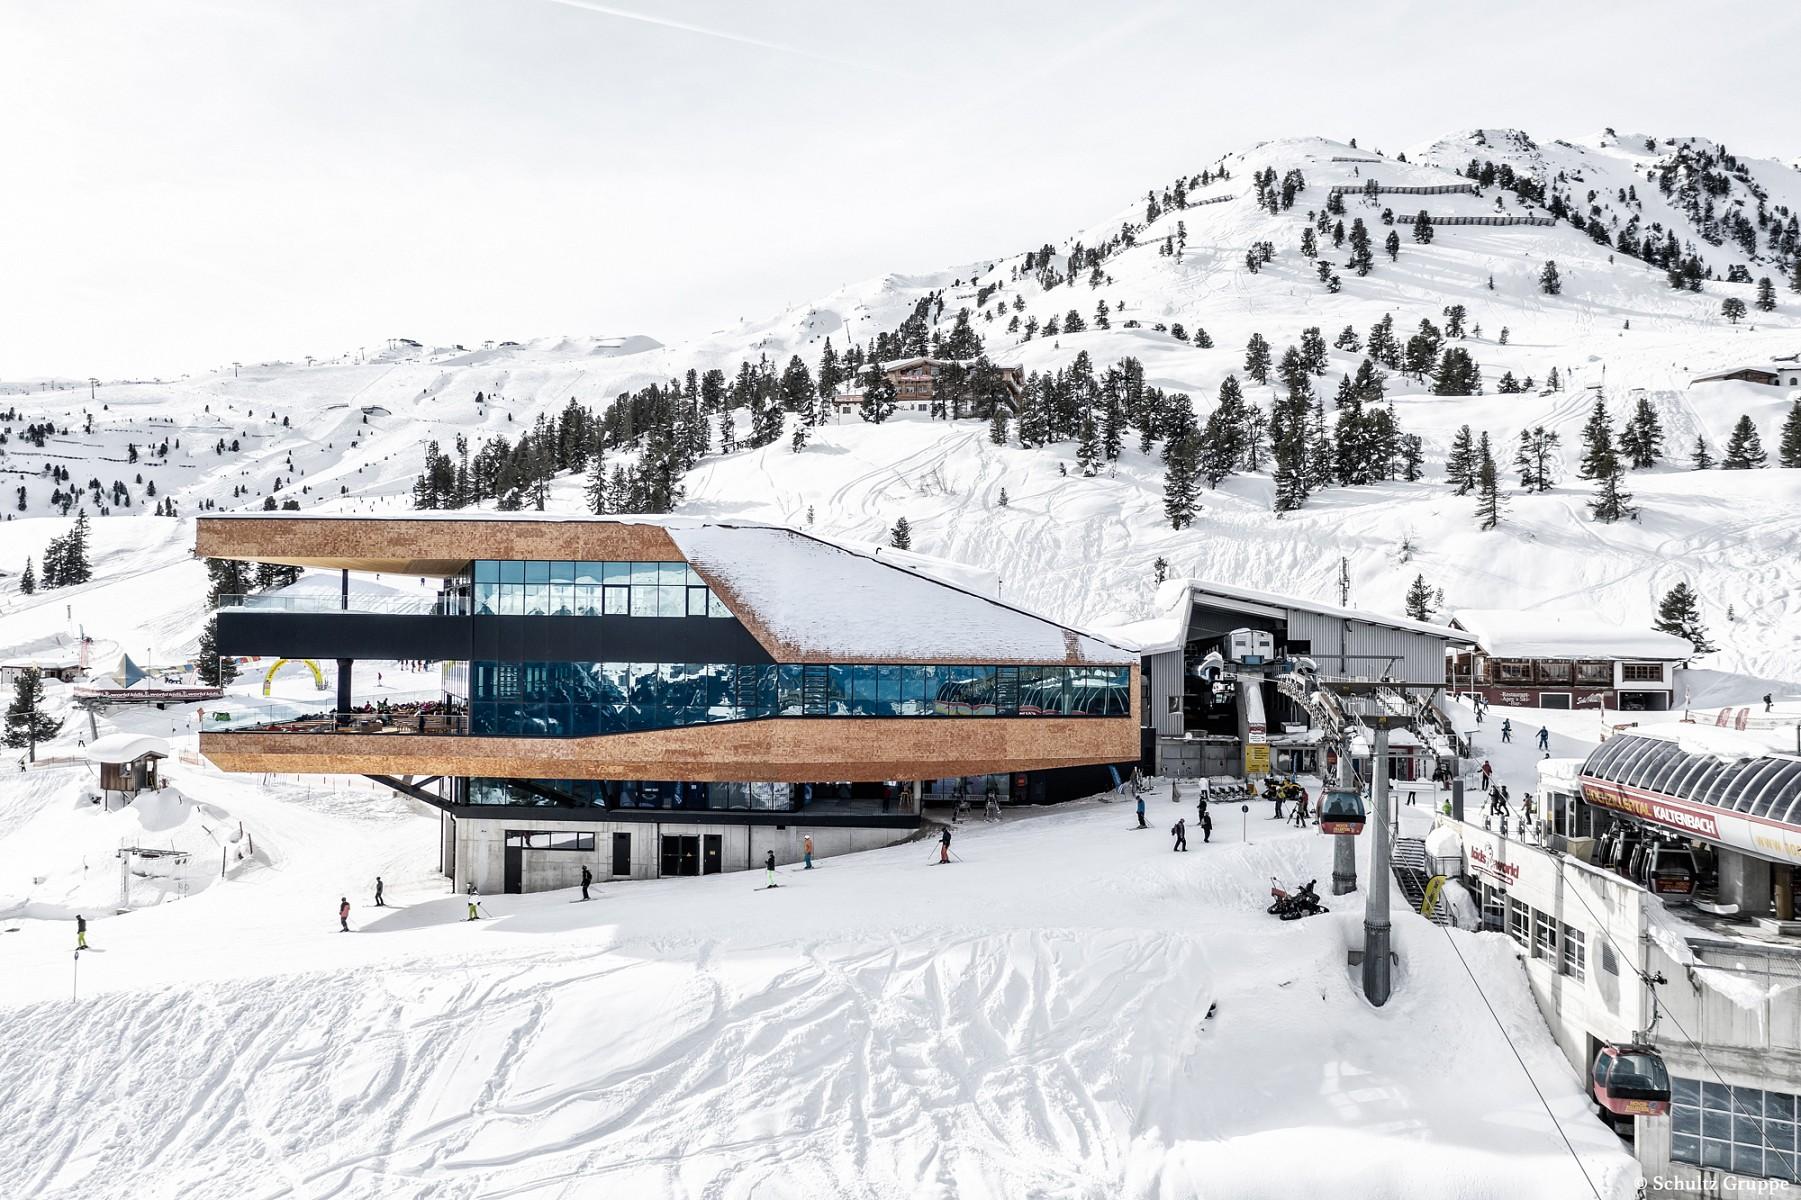 pMit-der-Hochzillertal-Bahn-in-Kaltenbach-geht-es-hinauf-zurnbspBergstation-MountainnbspView-und-von-hier-ausnbspentweder-zu-Fuszlig-oder-auf-Skiern-weiter-zur-Liftstation-Wimbachexpressp